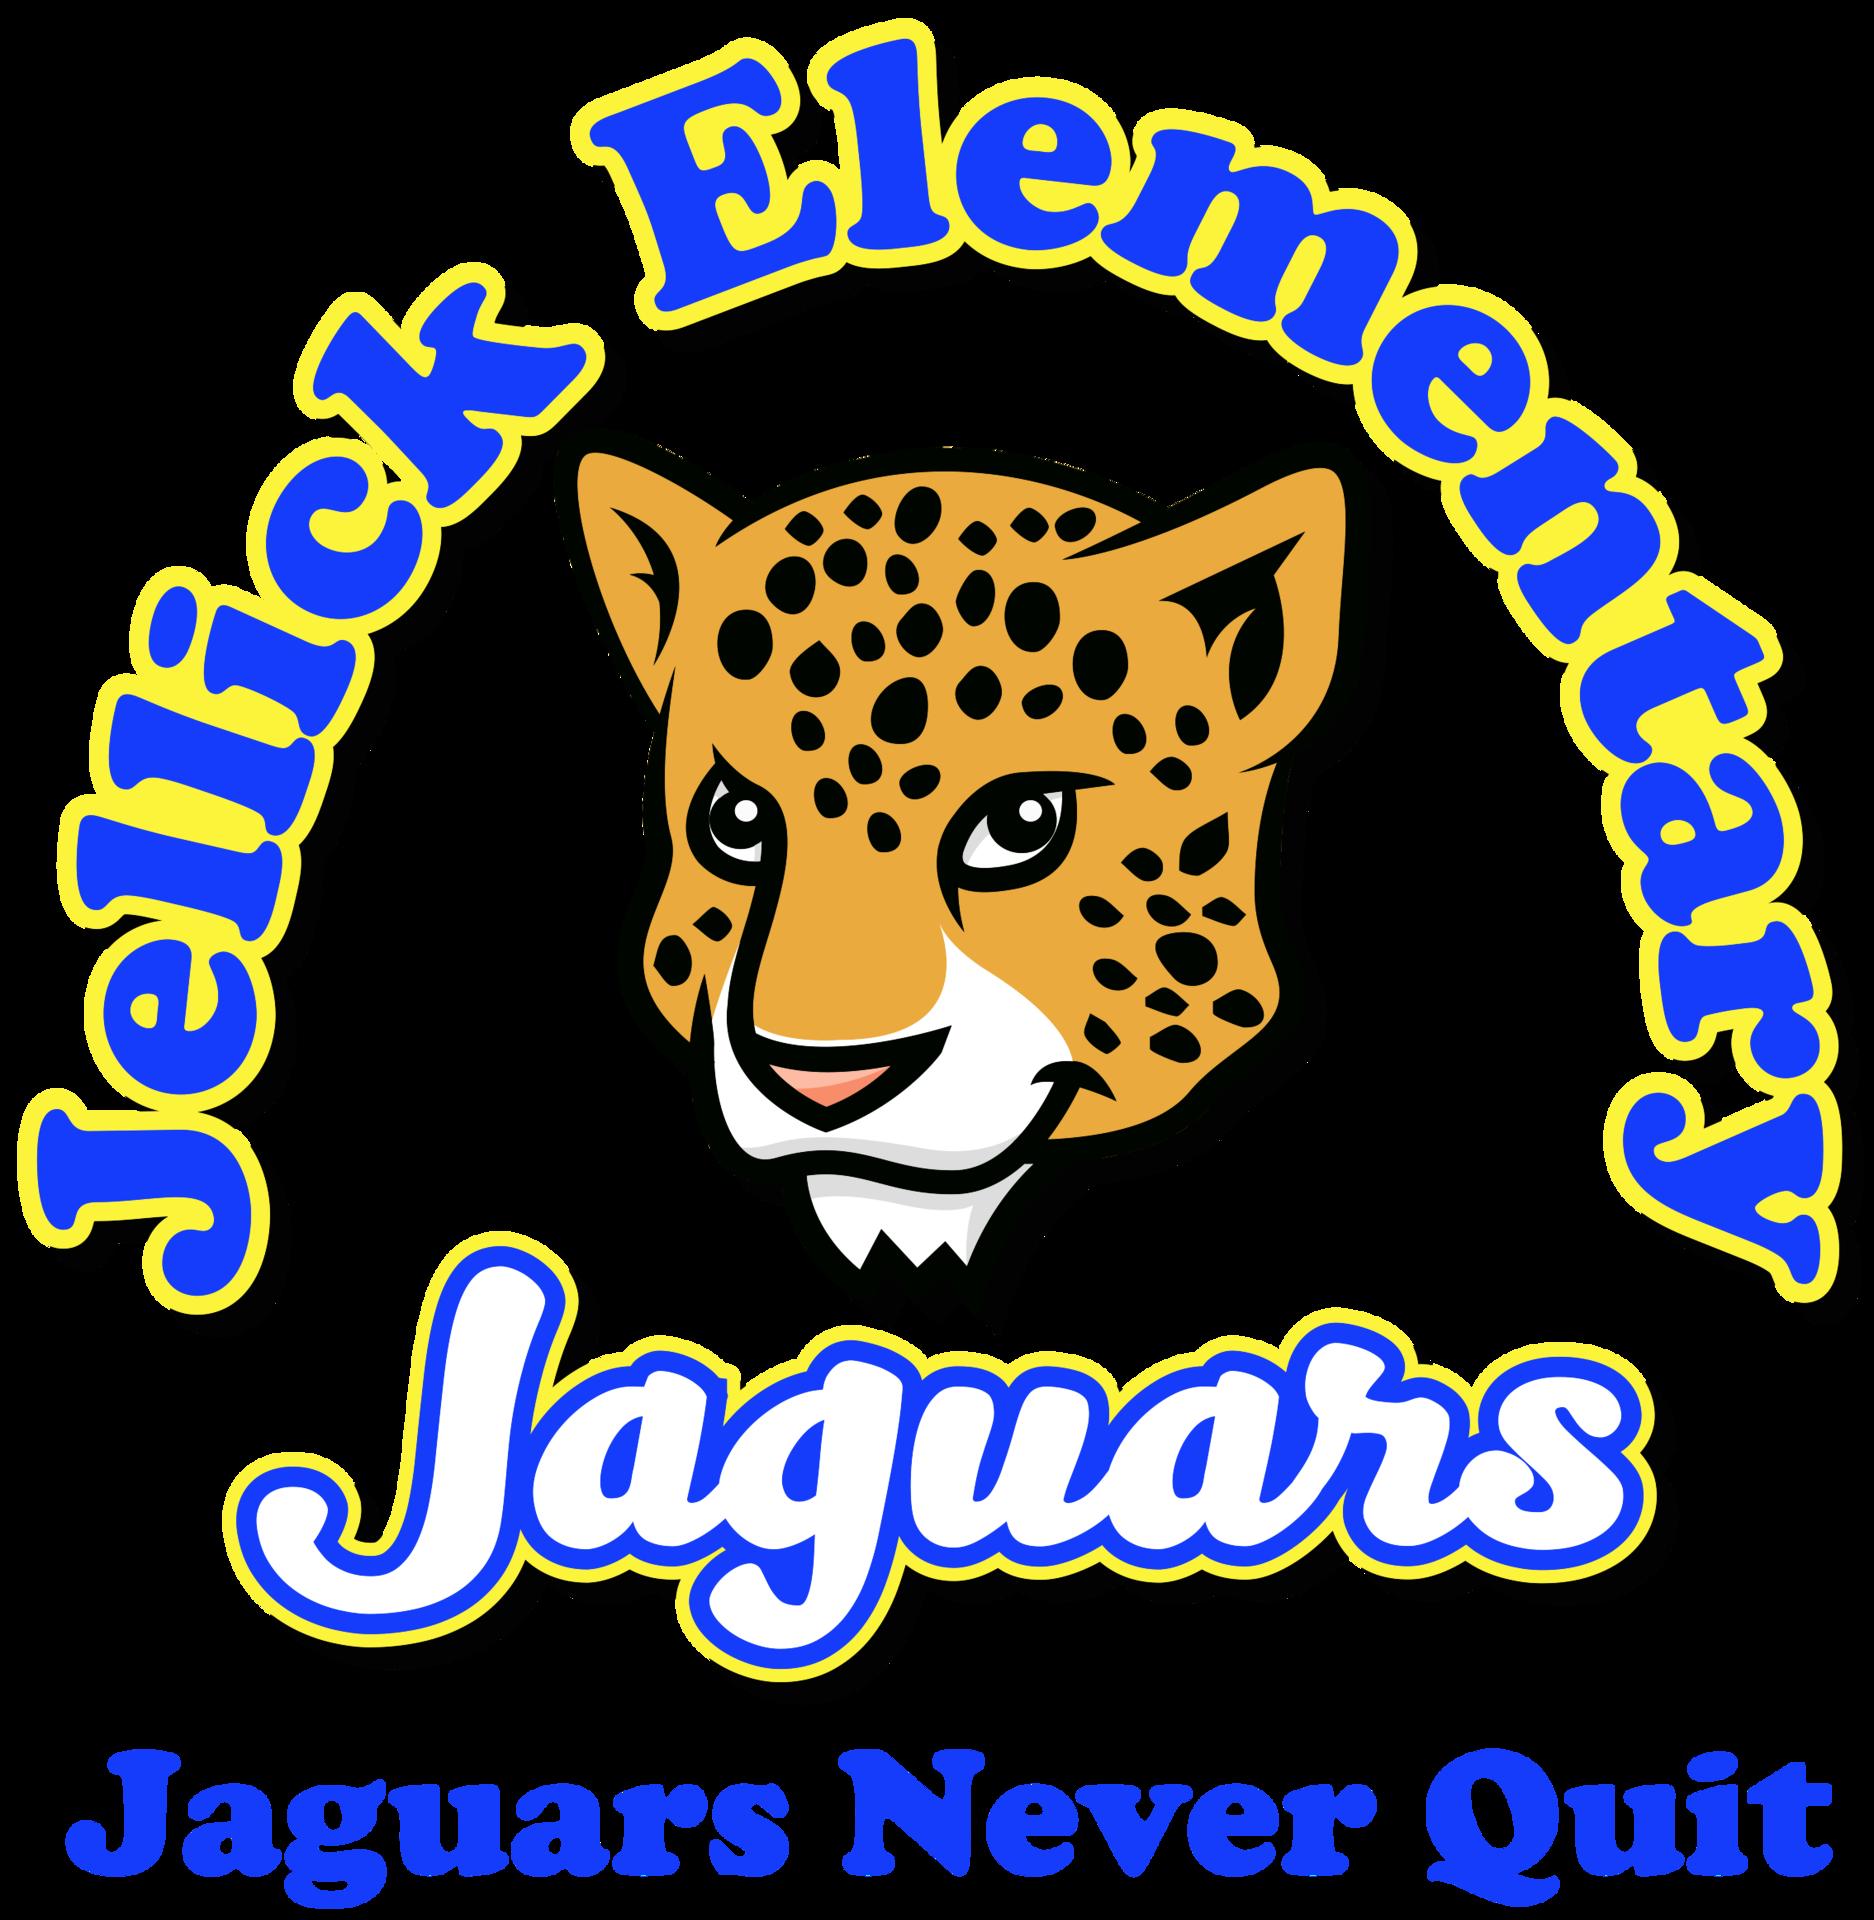 Jaguars Never Quit!